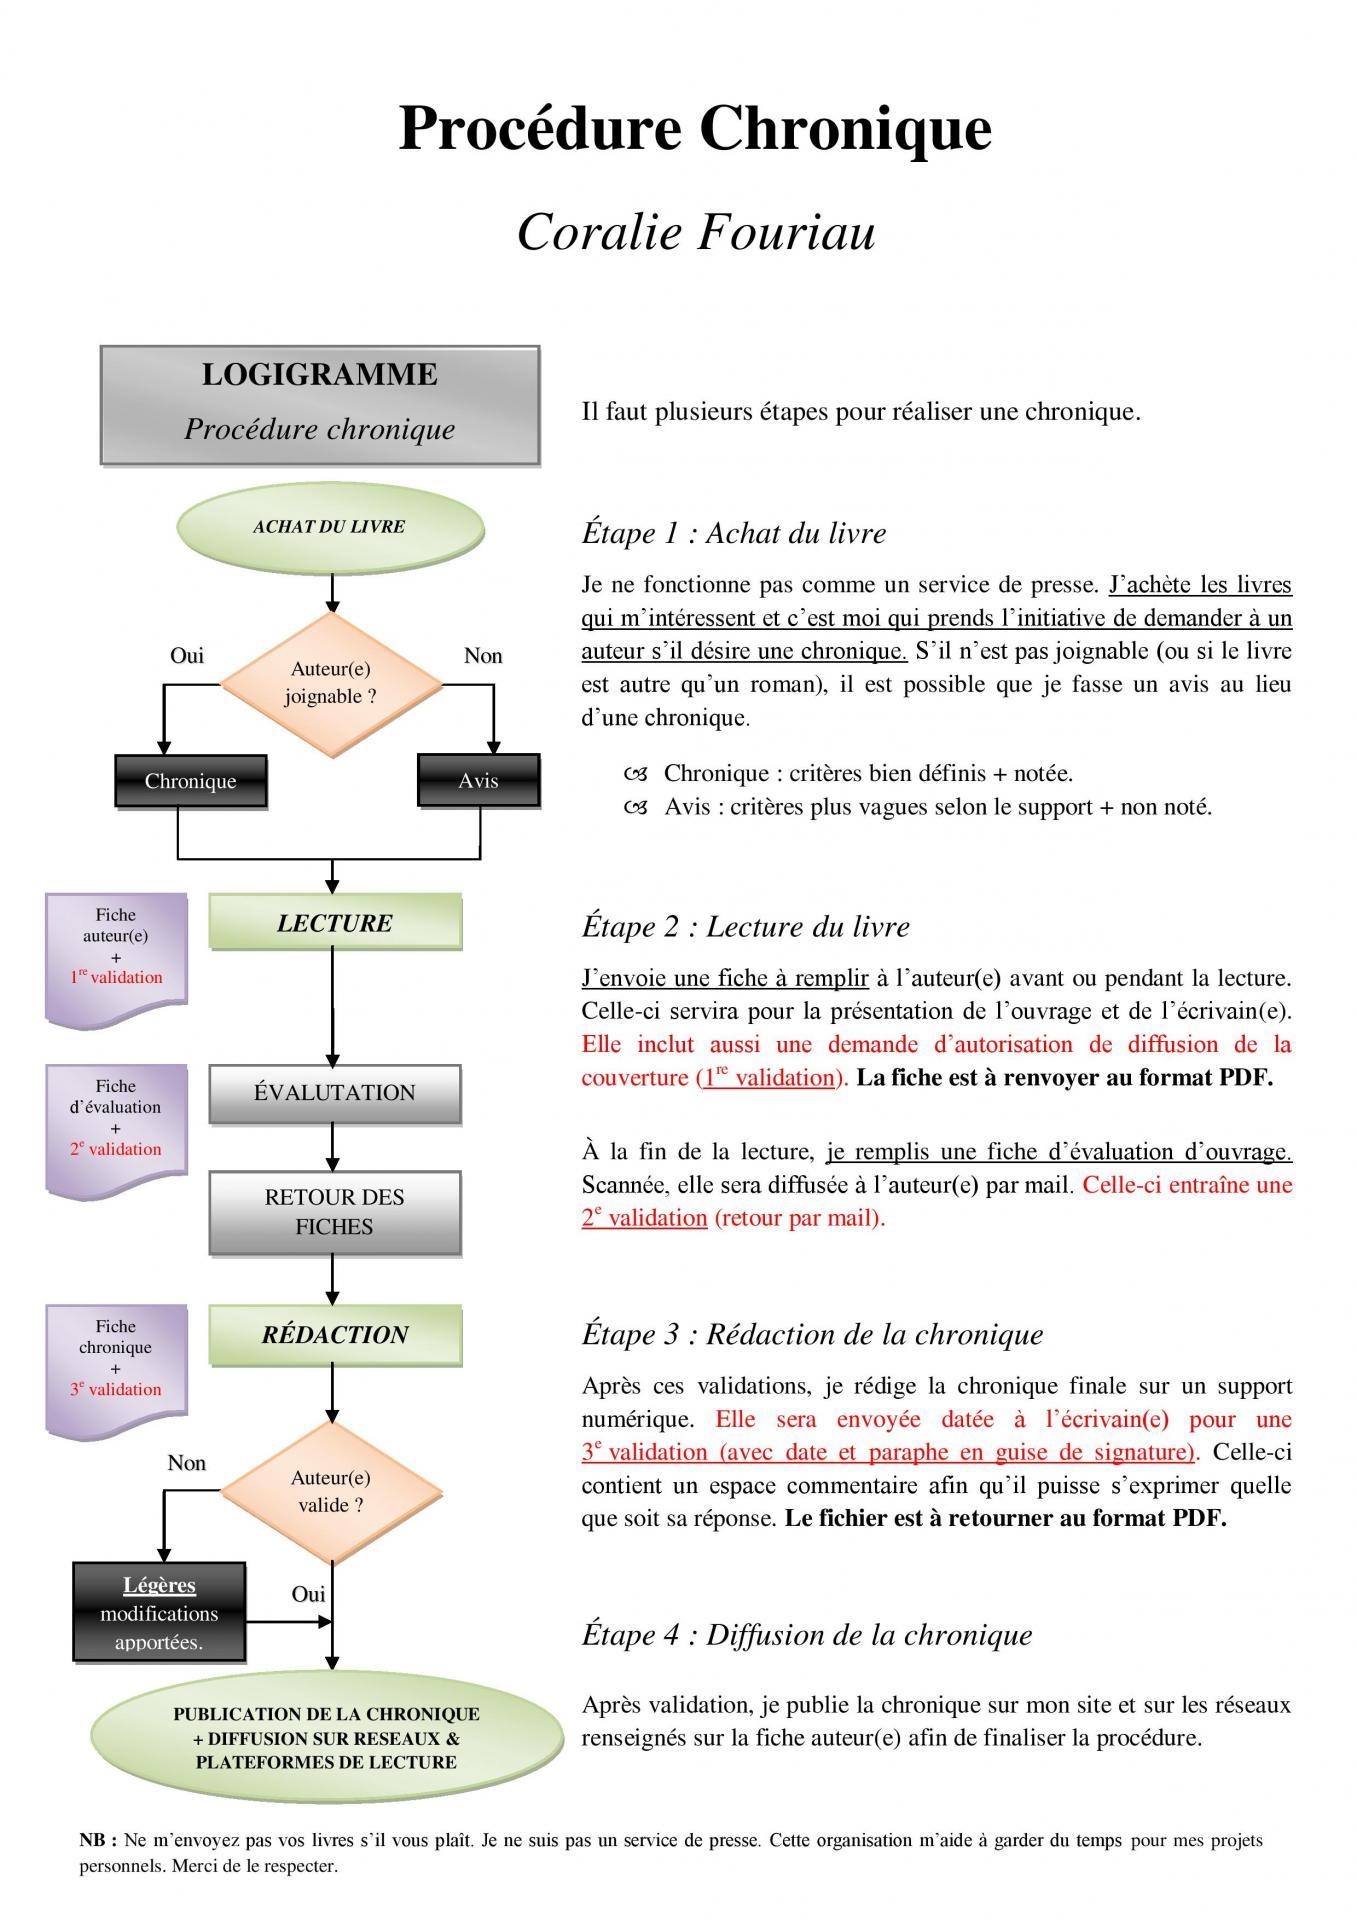 Fiche procedure chronique coralie fouriau page 001